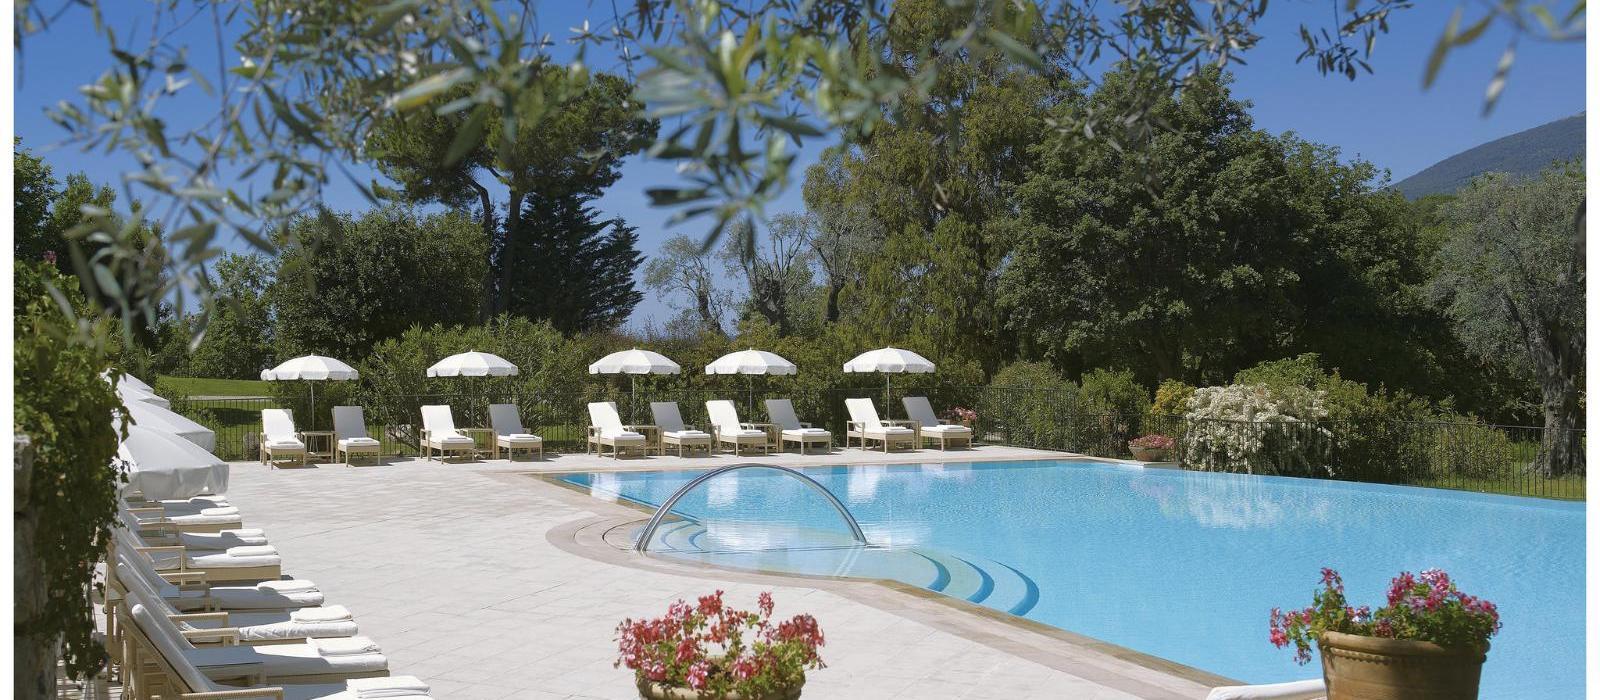 圣马丁庄园水疗度假酒店 - 欧特家酒店集团(Chateau Saint-Martin and Spa) 图片  www.lhw.cn